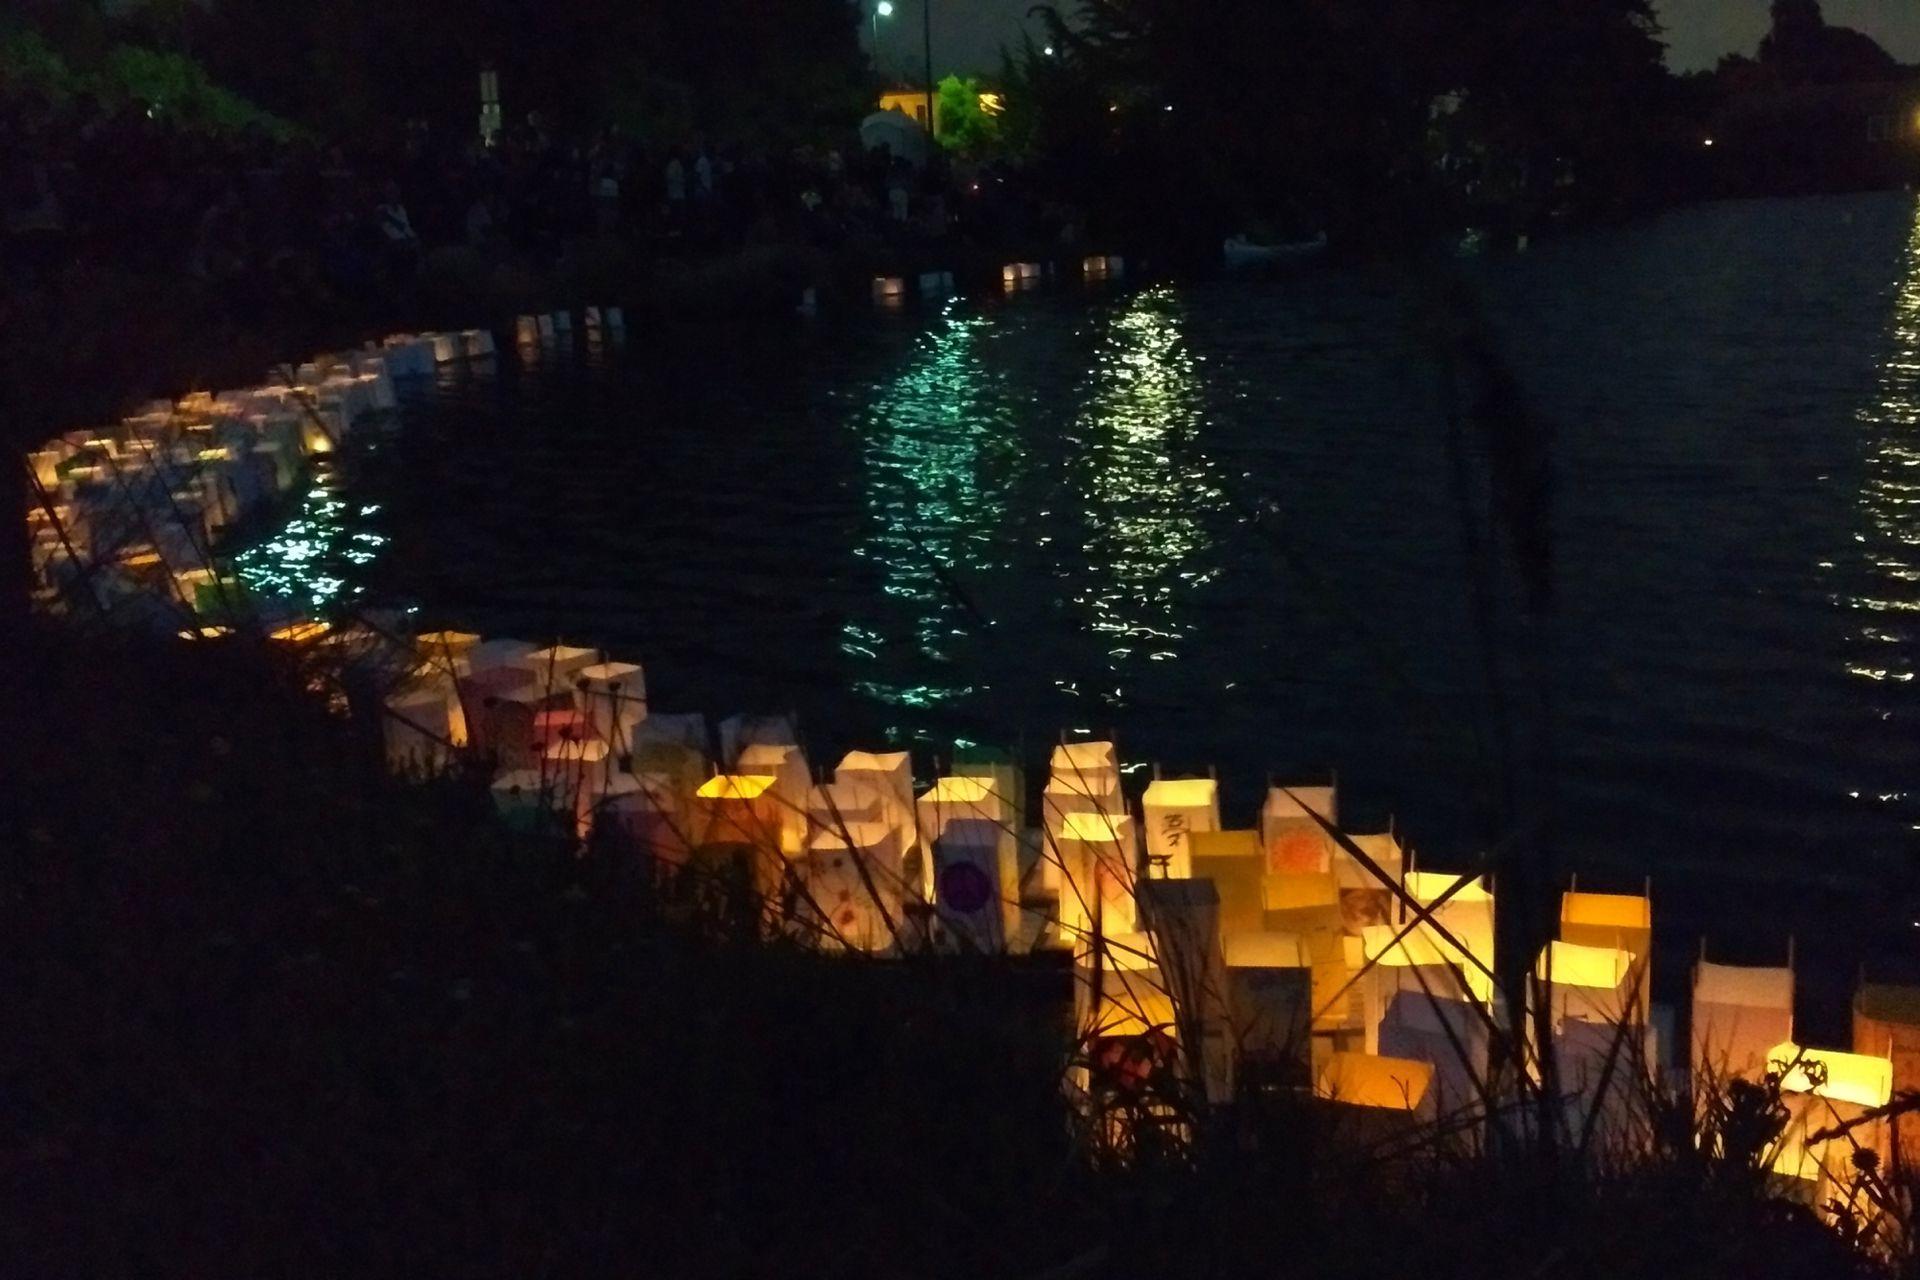 Conmemoración anual del bombardeo sobre Hiroshima. Se sueltan linternas sobre un lago de Berkeley, los dibujos están hecho por los asistentes.